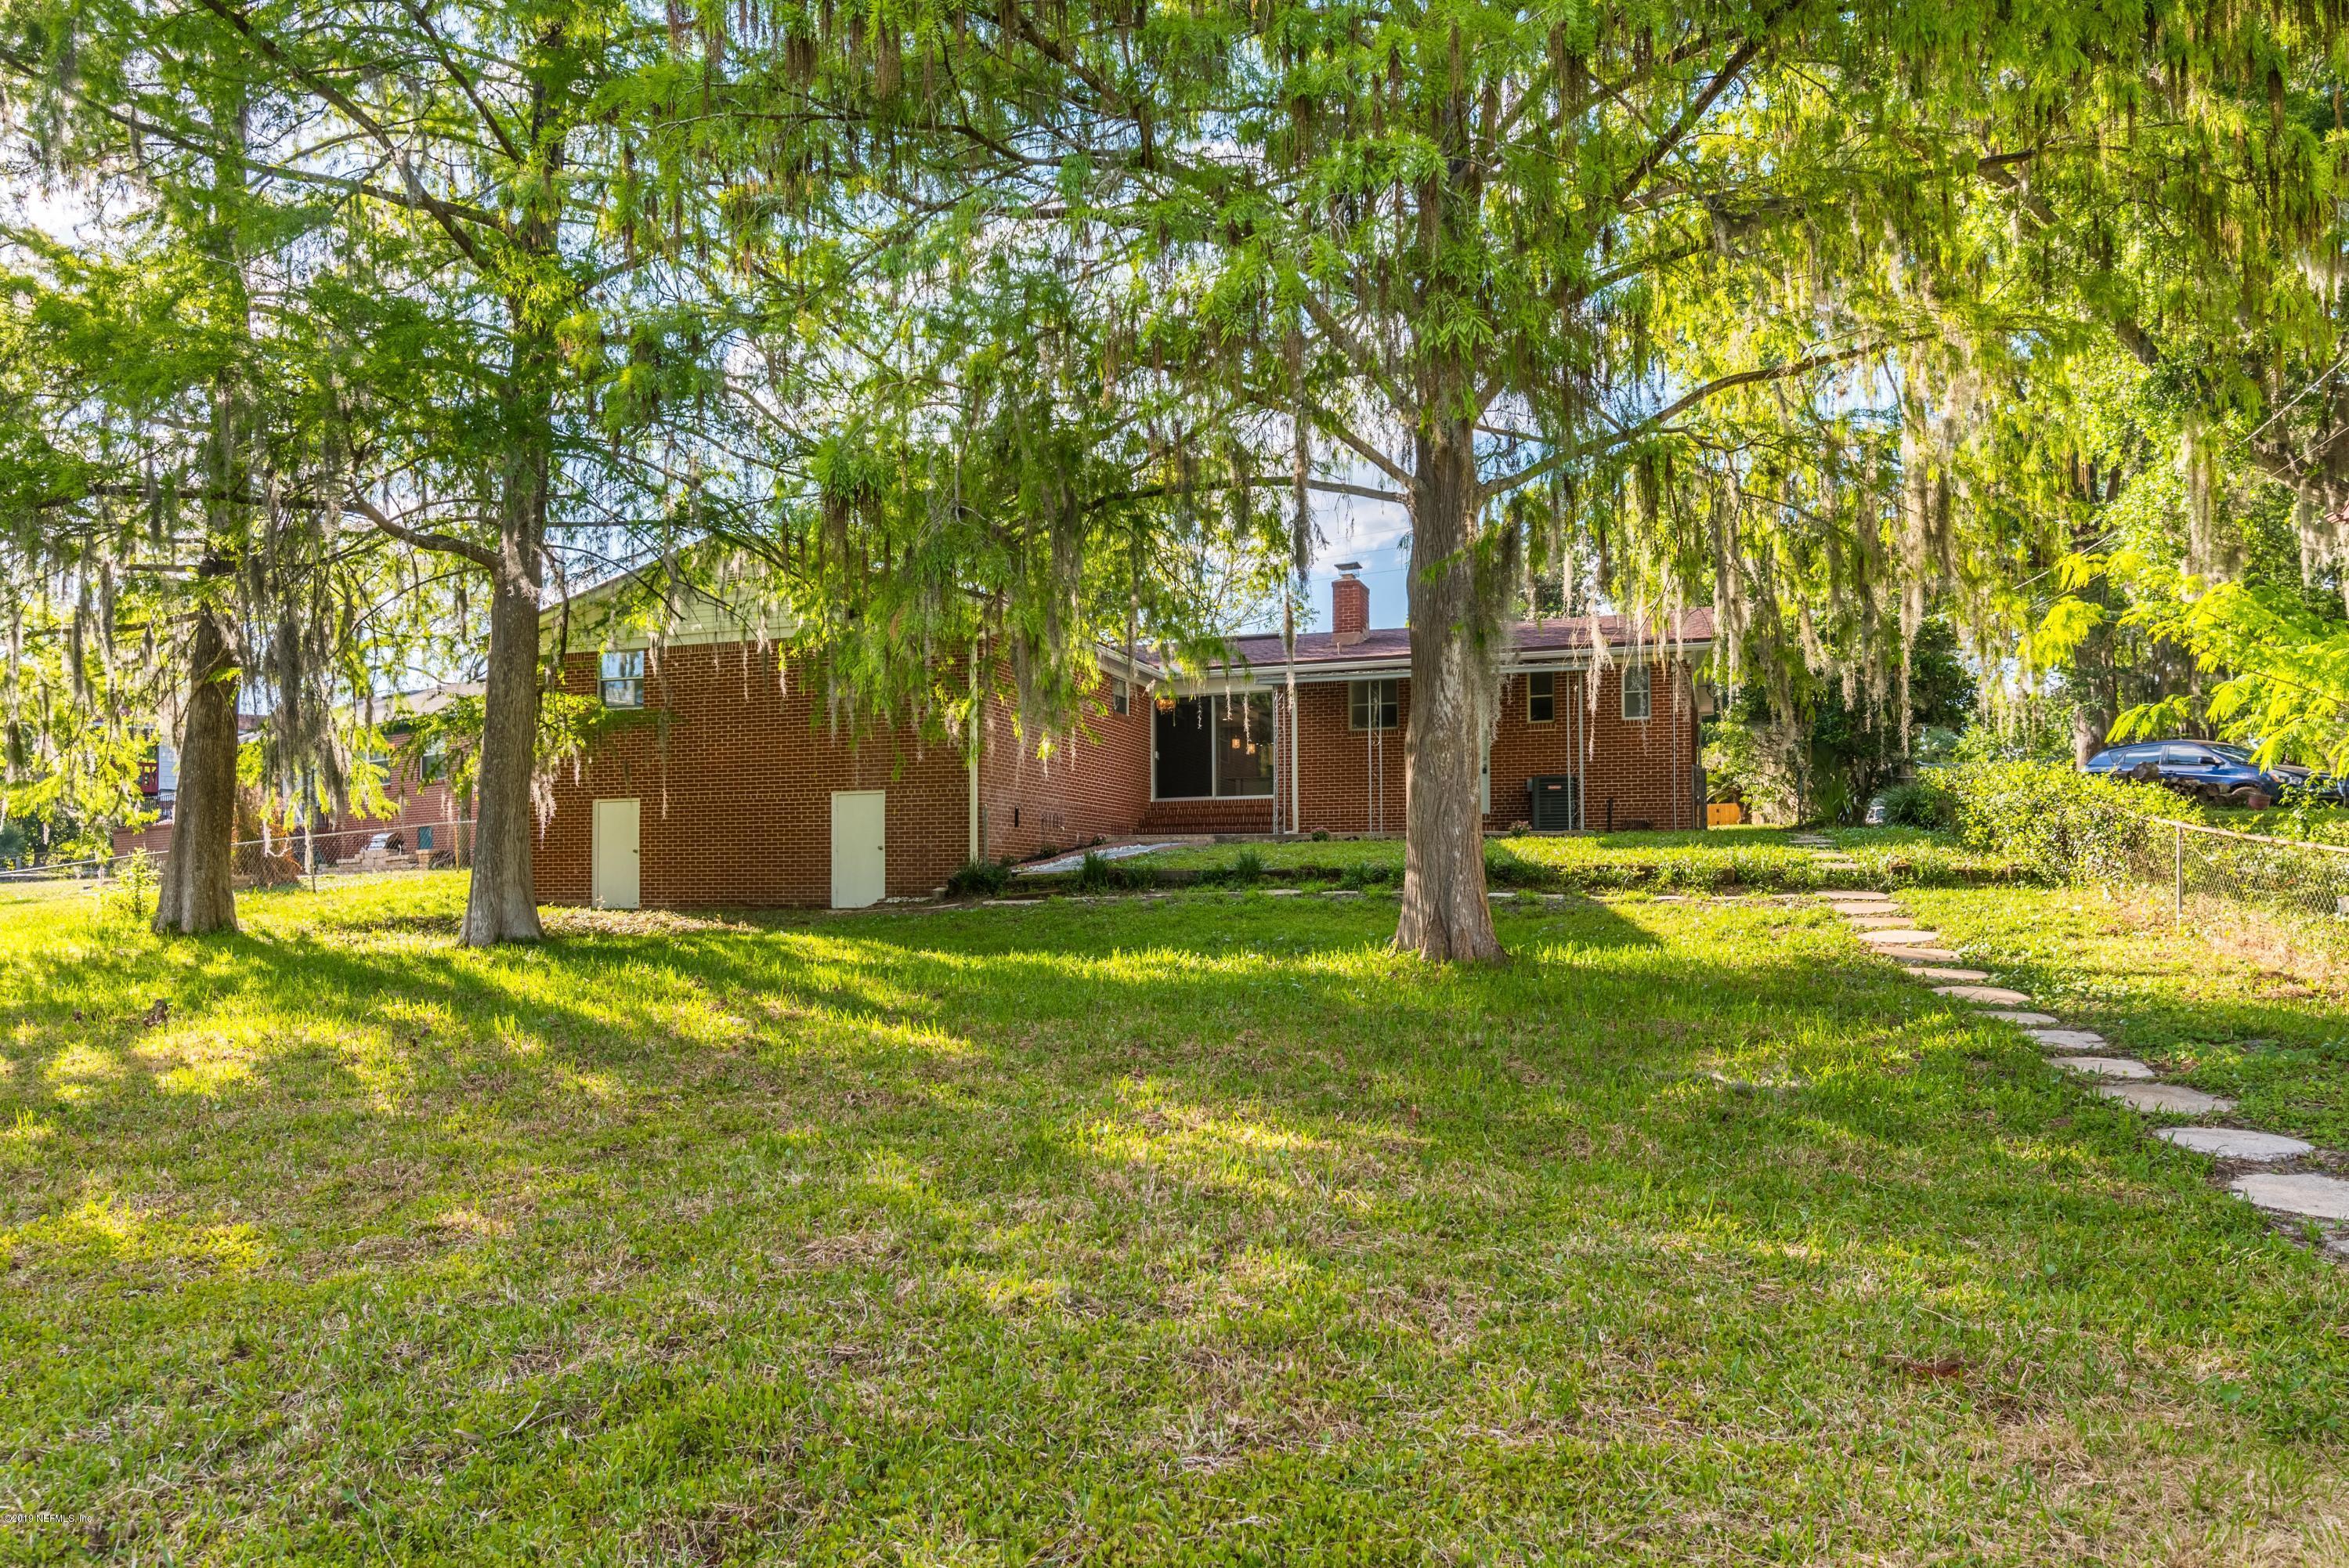 2432 CEDAR SHORES, JACKSONVILLE, FLORIDA 32210, 3 Bedrooms Bedrooms, ,2 BathroomsBathrooms,Residential - single family,For sale,CEDAR SHORES,990982